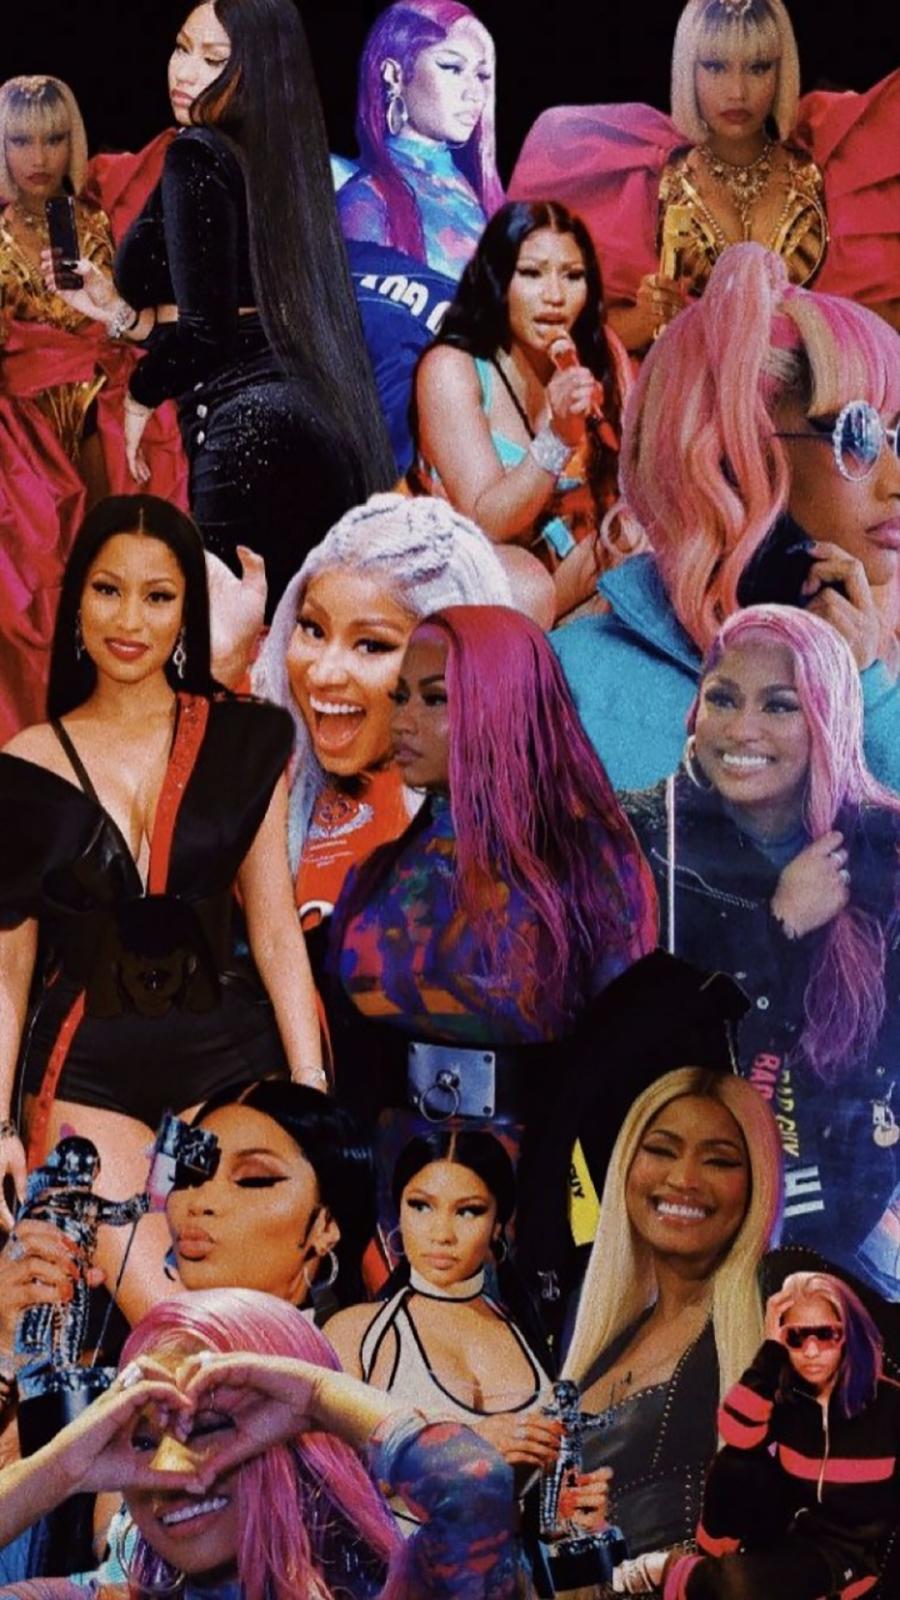 Mixed Nicki Minaj HD Wallpapers Free Download